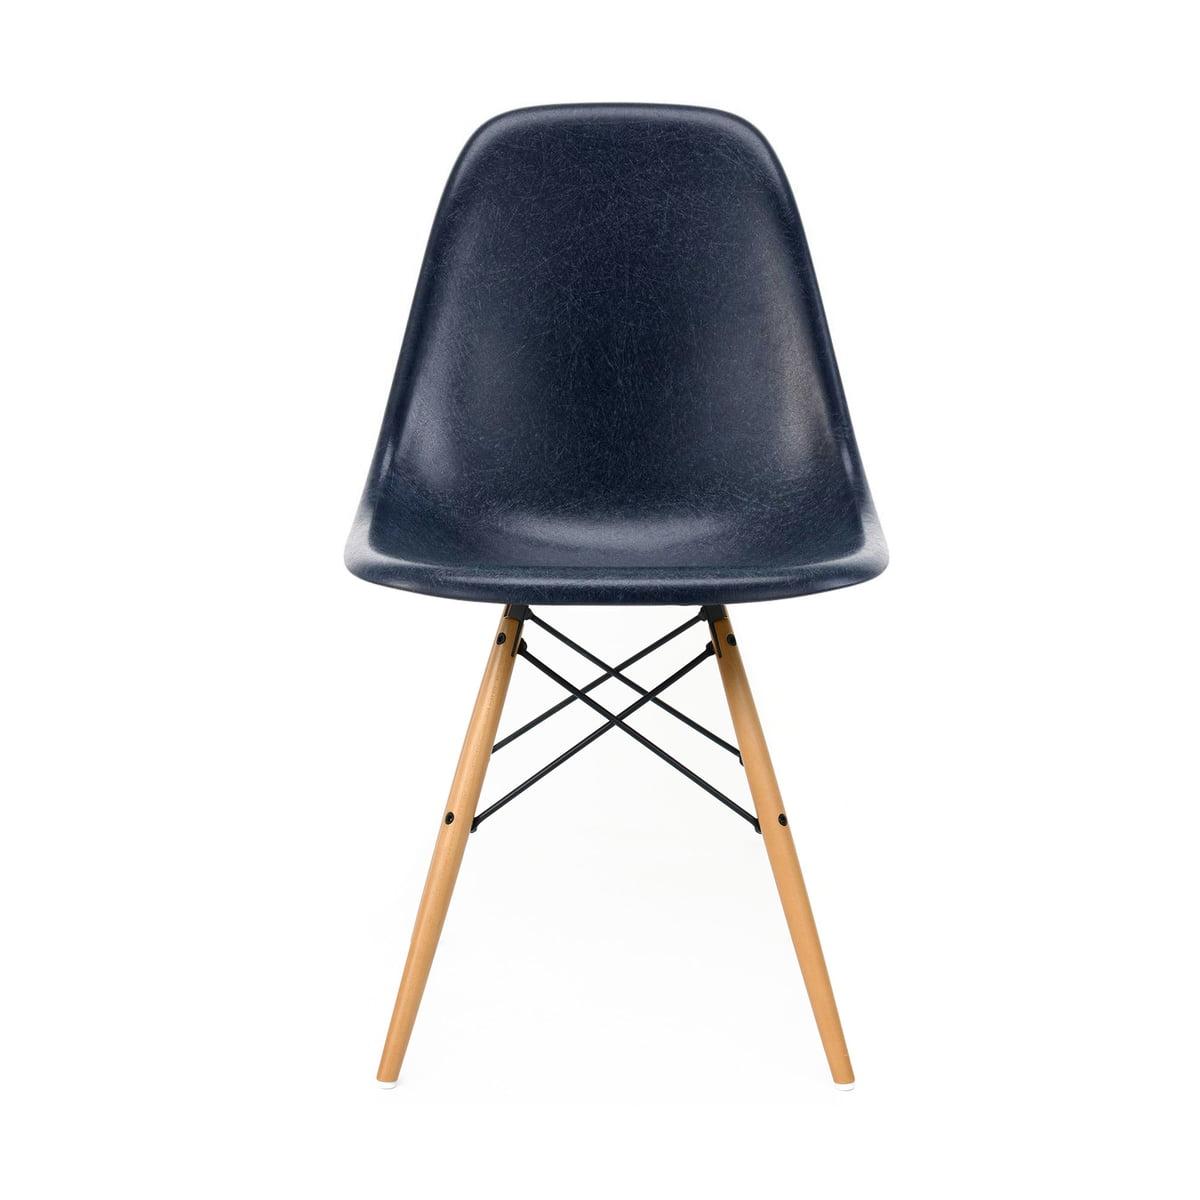 Vitra Eames Fiberglass Side Chair DSW, Ahorn gelblich Eames parchment (Filzgleiter weiß)